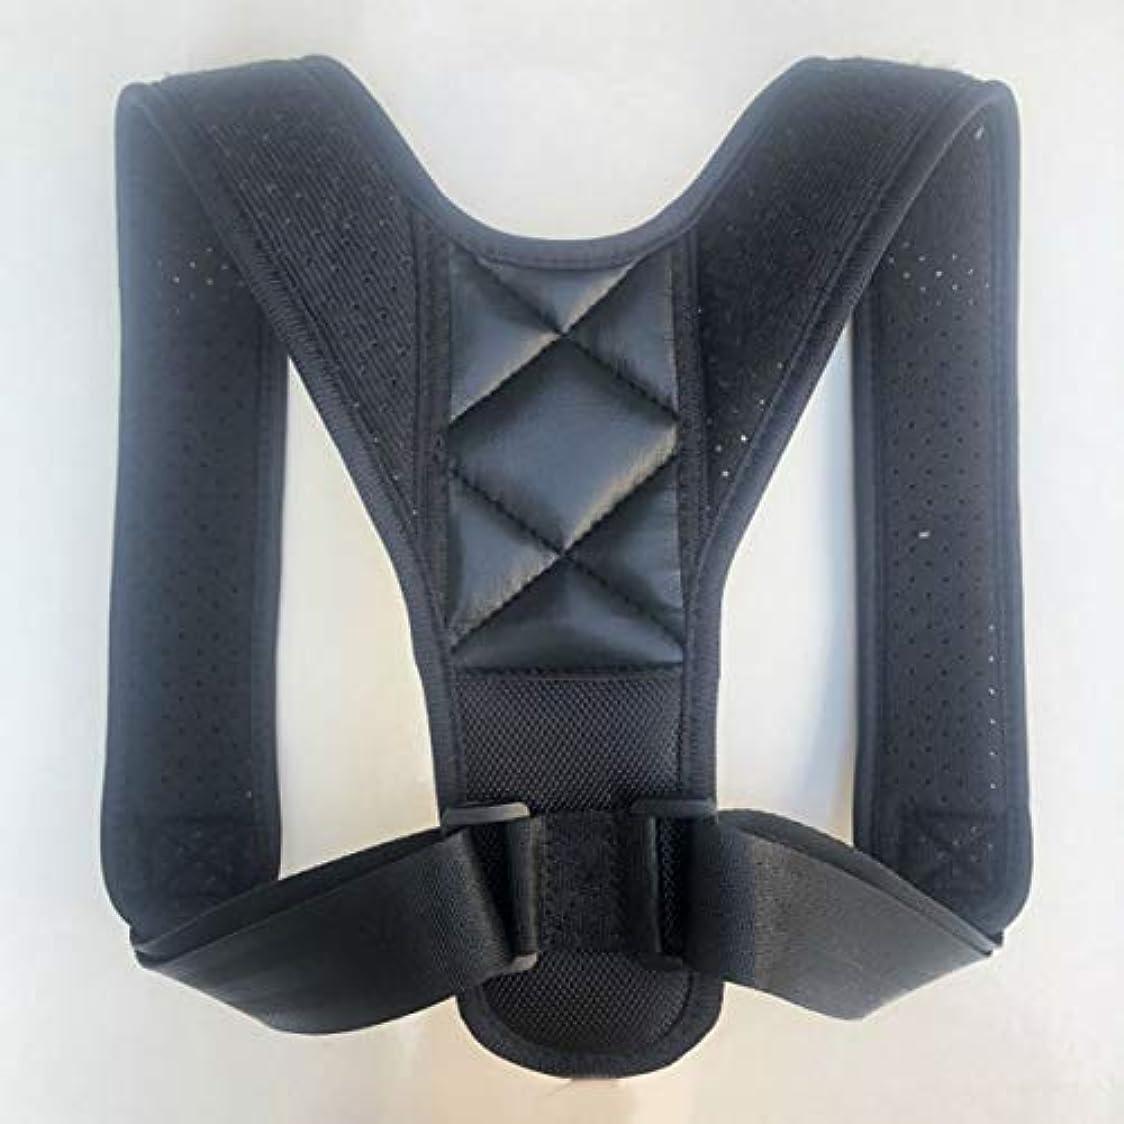 補体道徳の軌道アッパーバックポスチャーコレクター姿勢鎖骨サポートコレクターバックストレートショルダーブレースストラップコレクター - ブラック